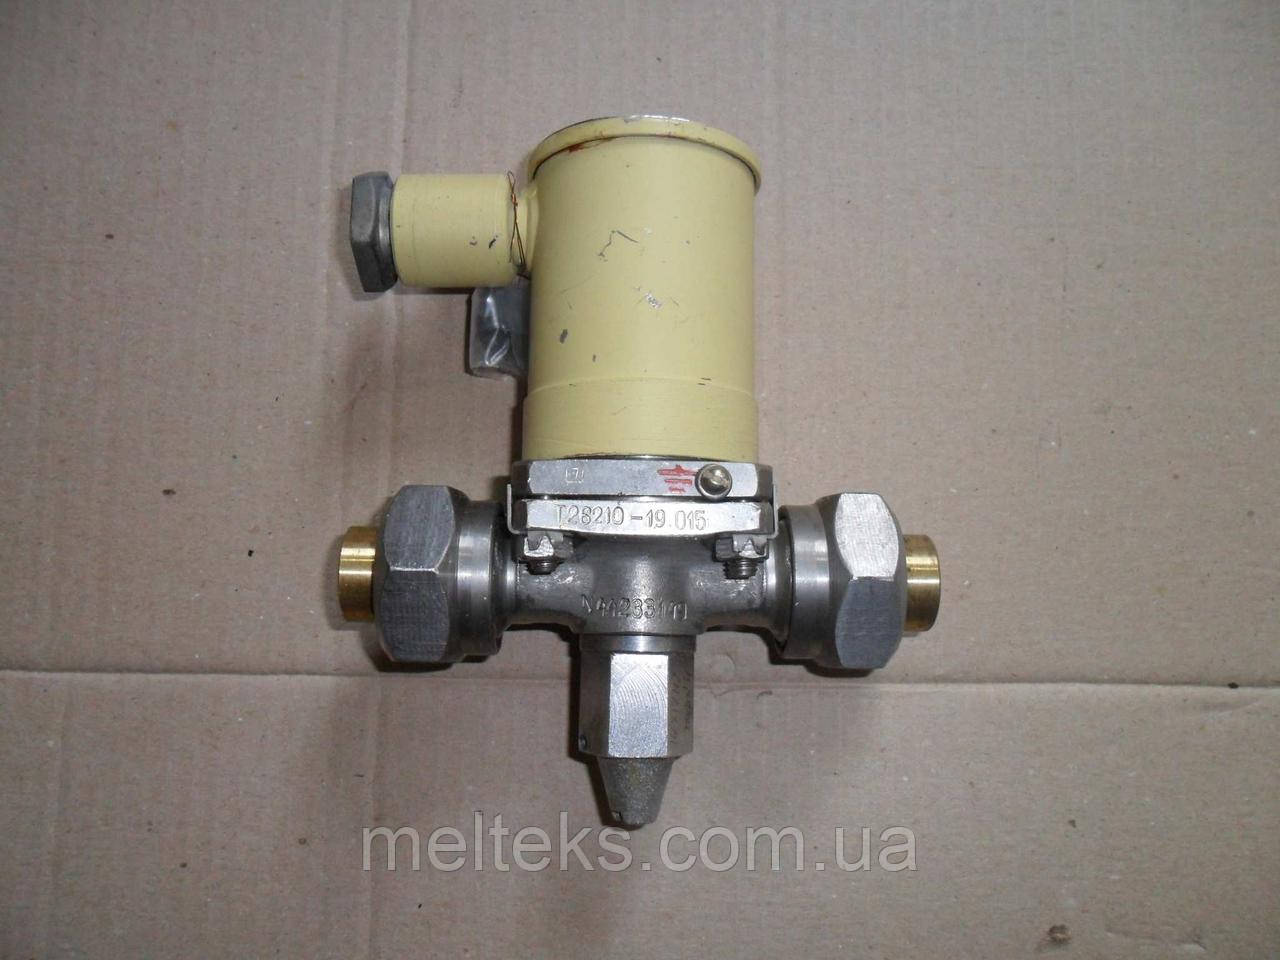 Вентиль клапан Т26210 СВМВ-15К, СВМВ-25К